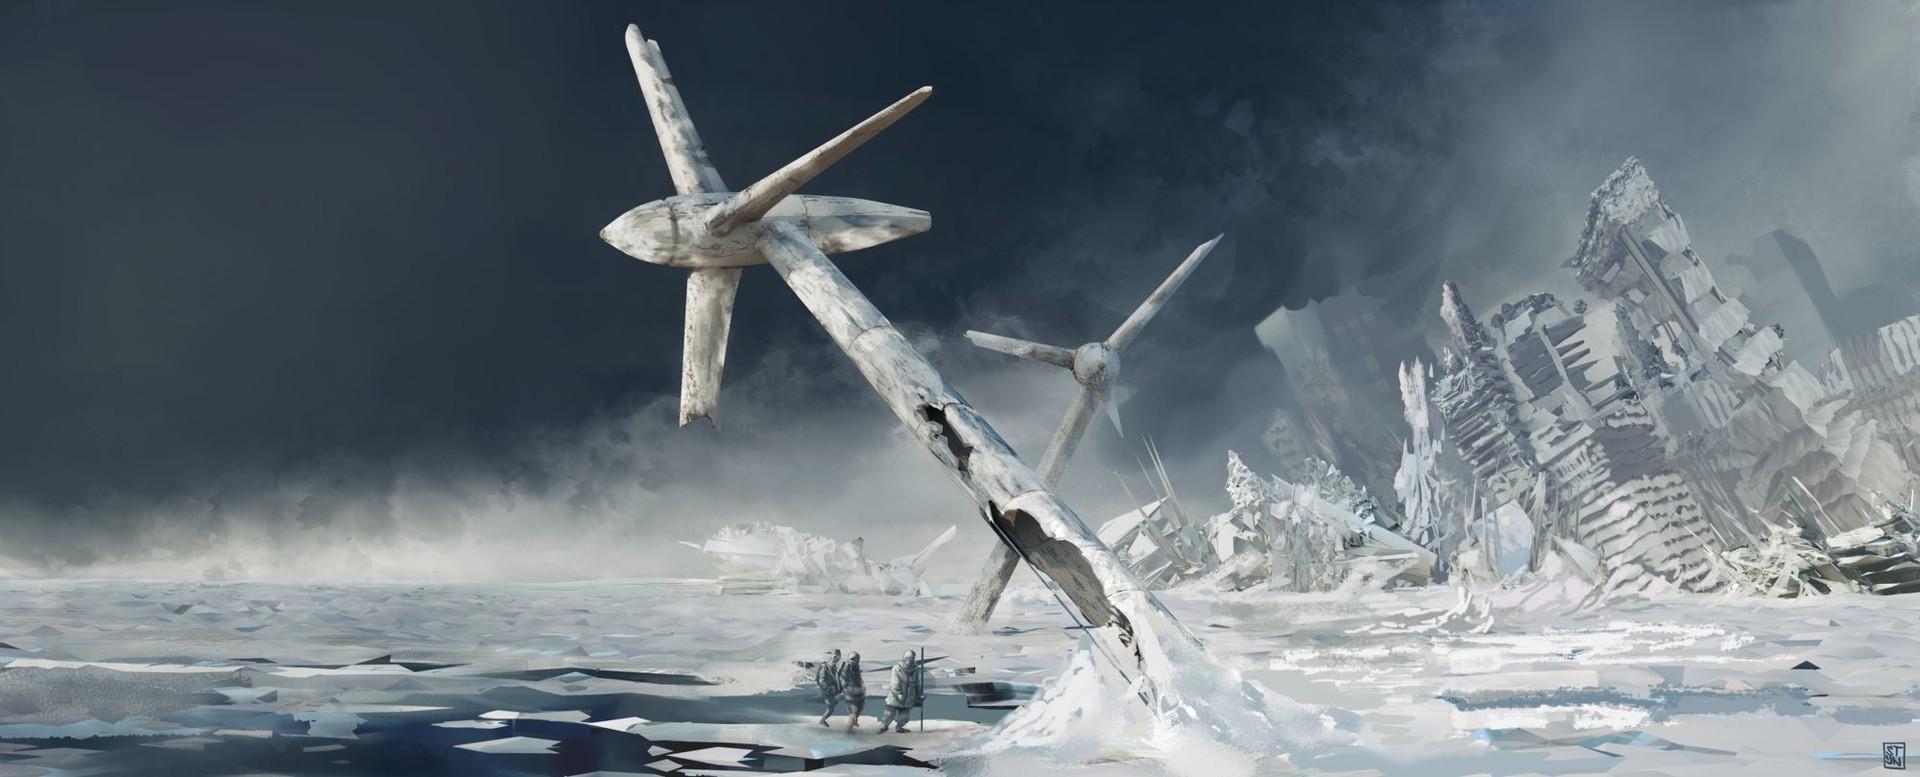 Stijn windig windturbines5 small